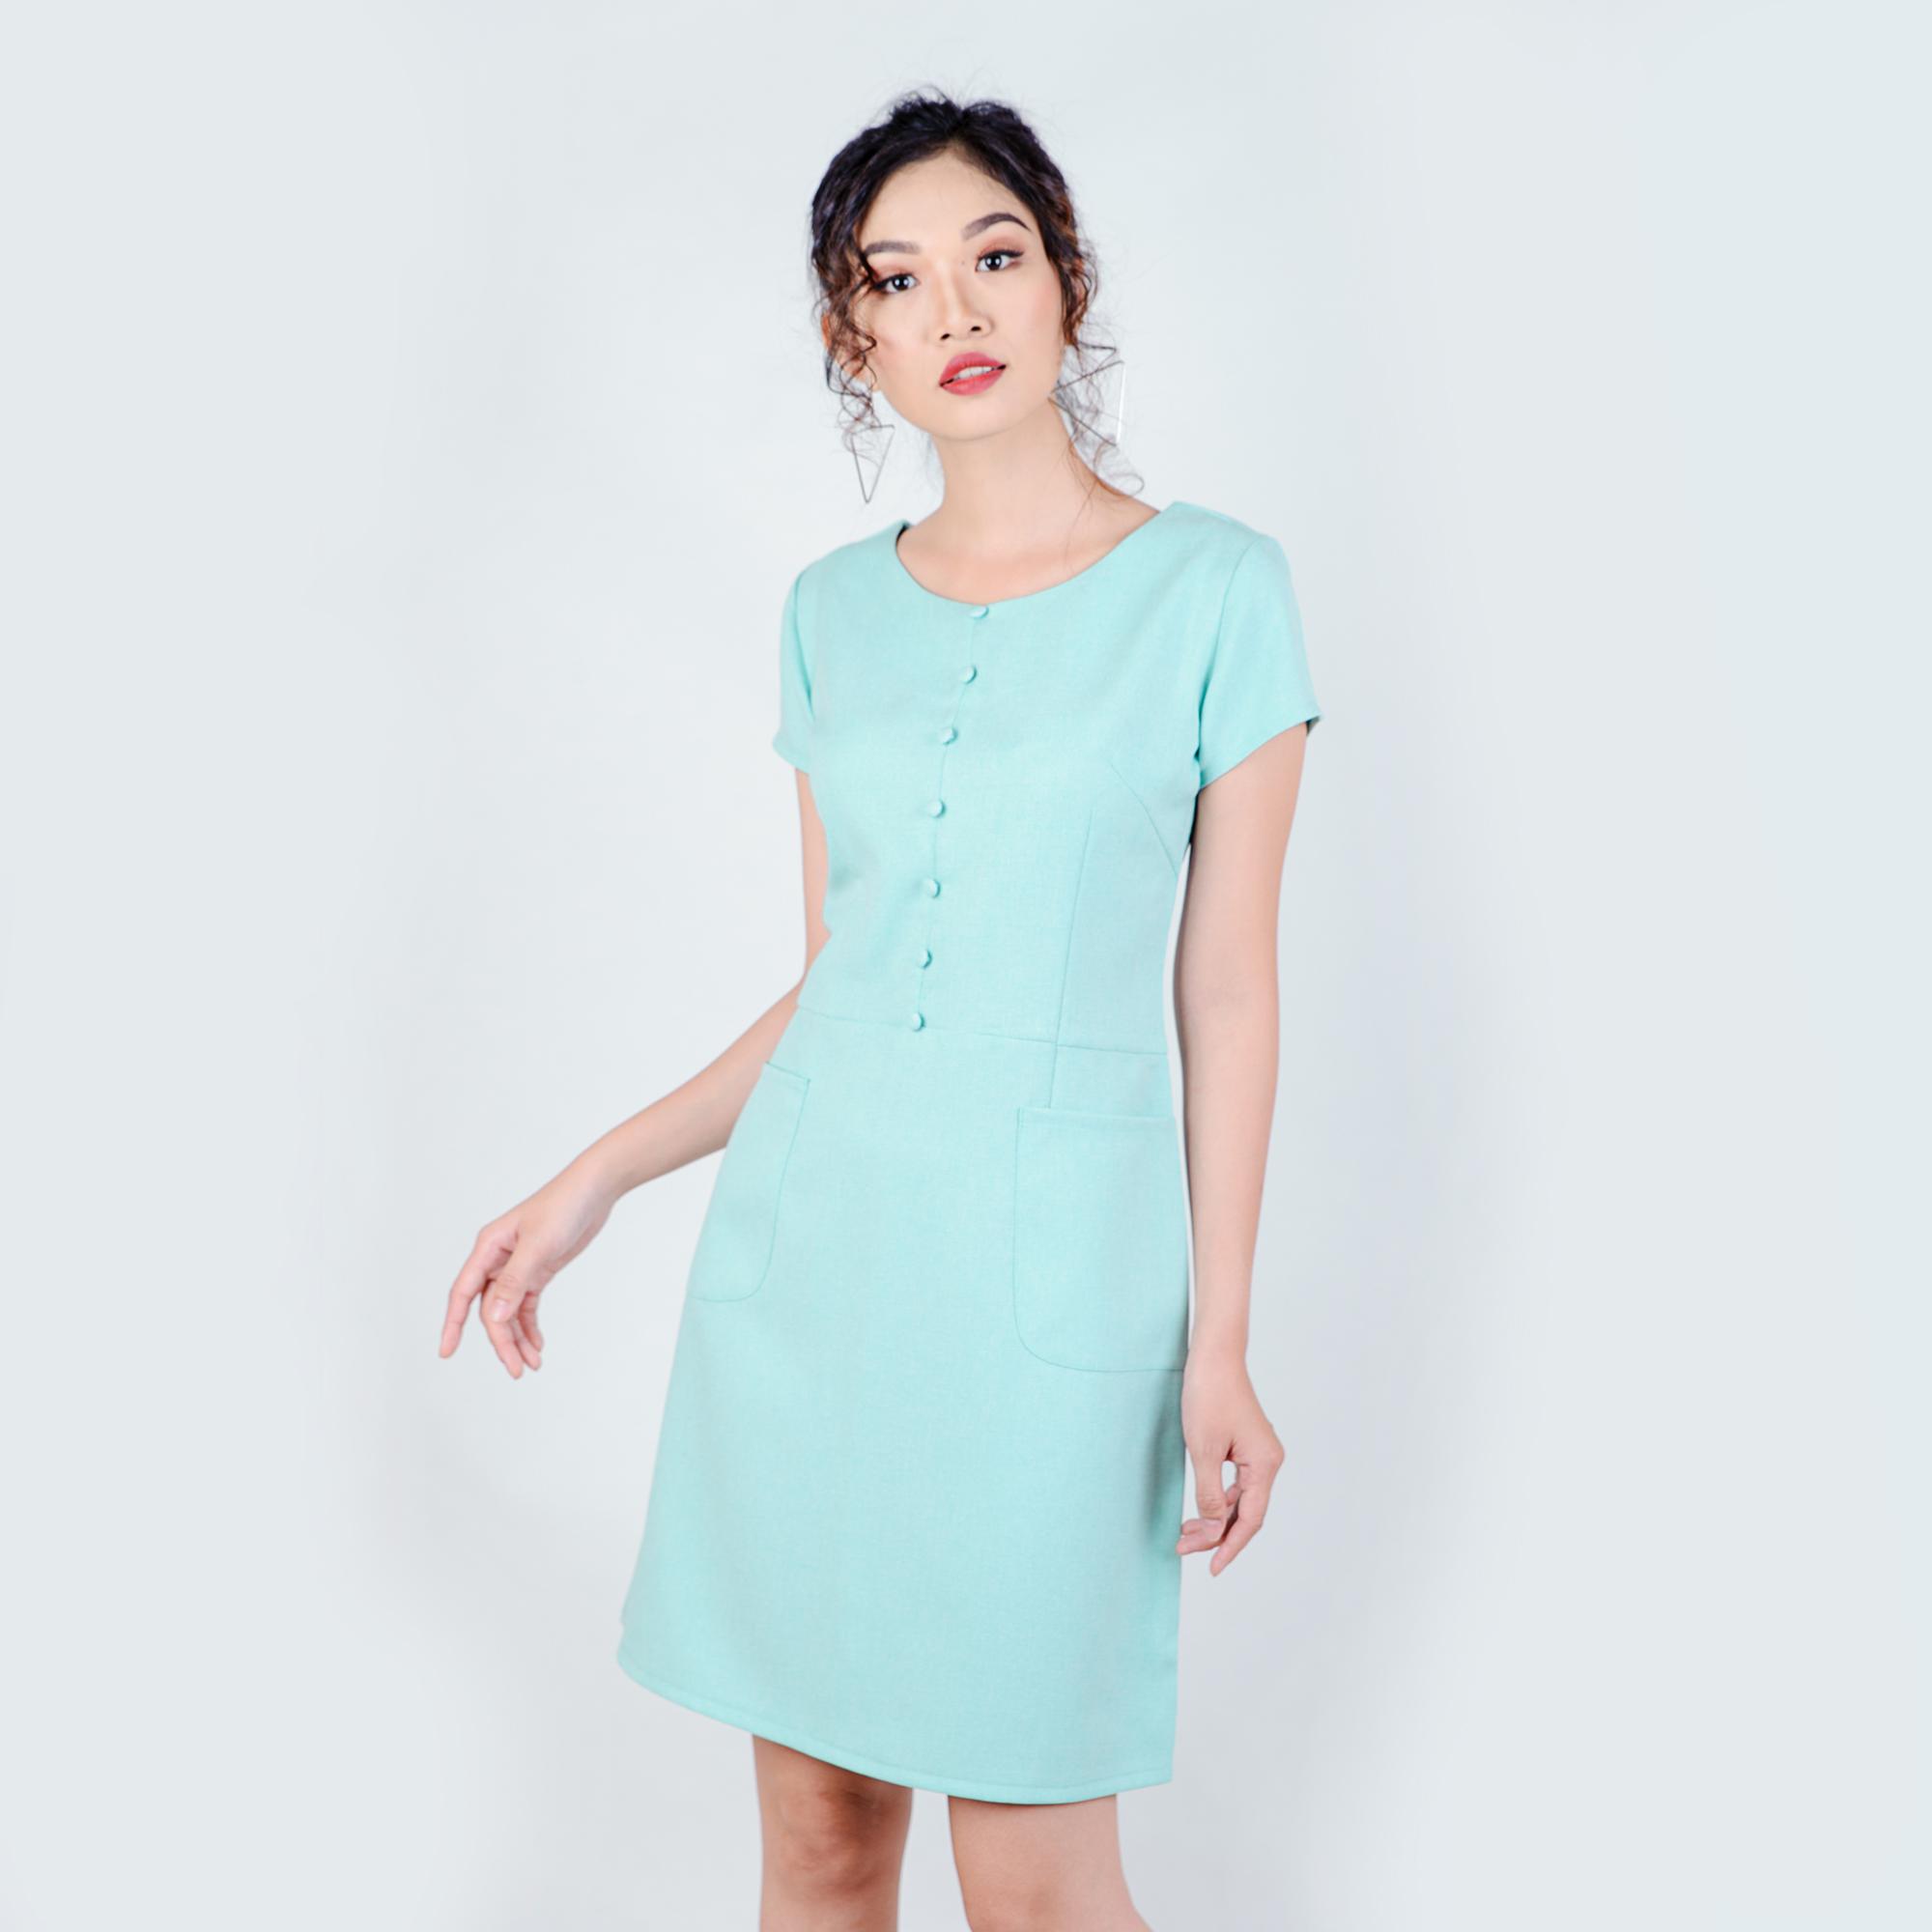 Đầm công sở phối nút thời trang Eden d183 (Xanh ngọc)